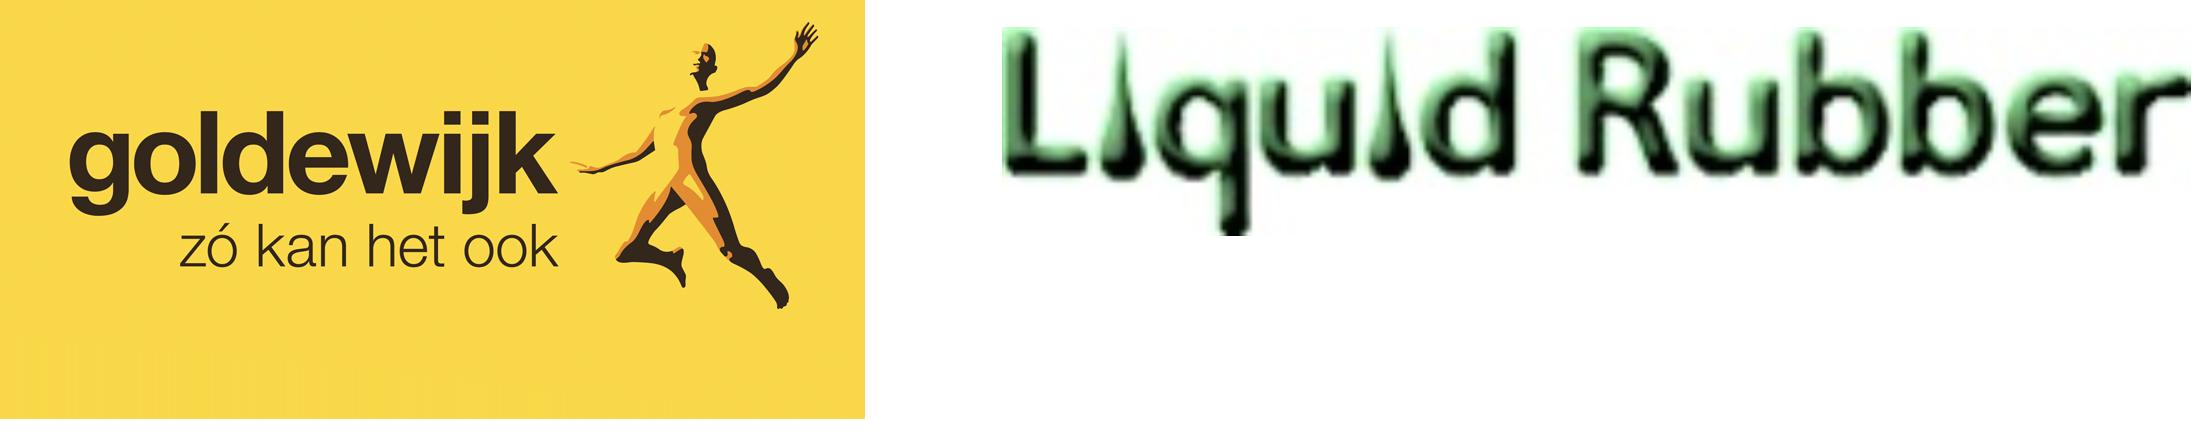 liquid rubber logo